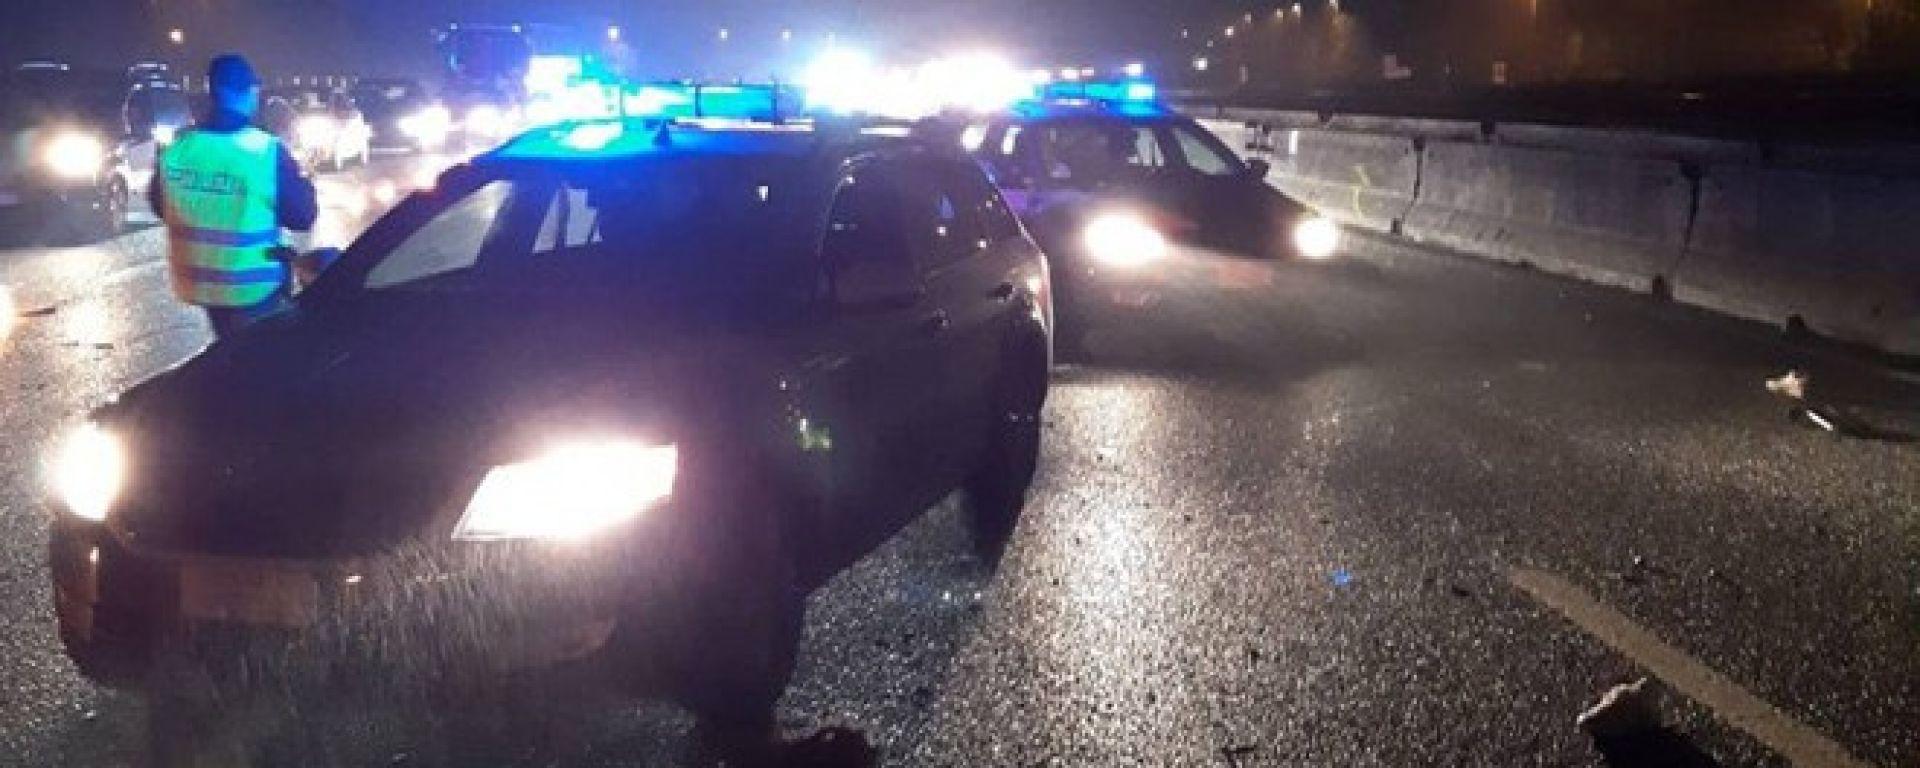 Alcuni consigli per la sicurezza, dopo l'incidente di Modena